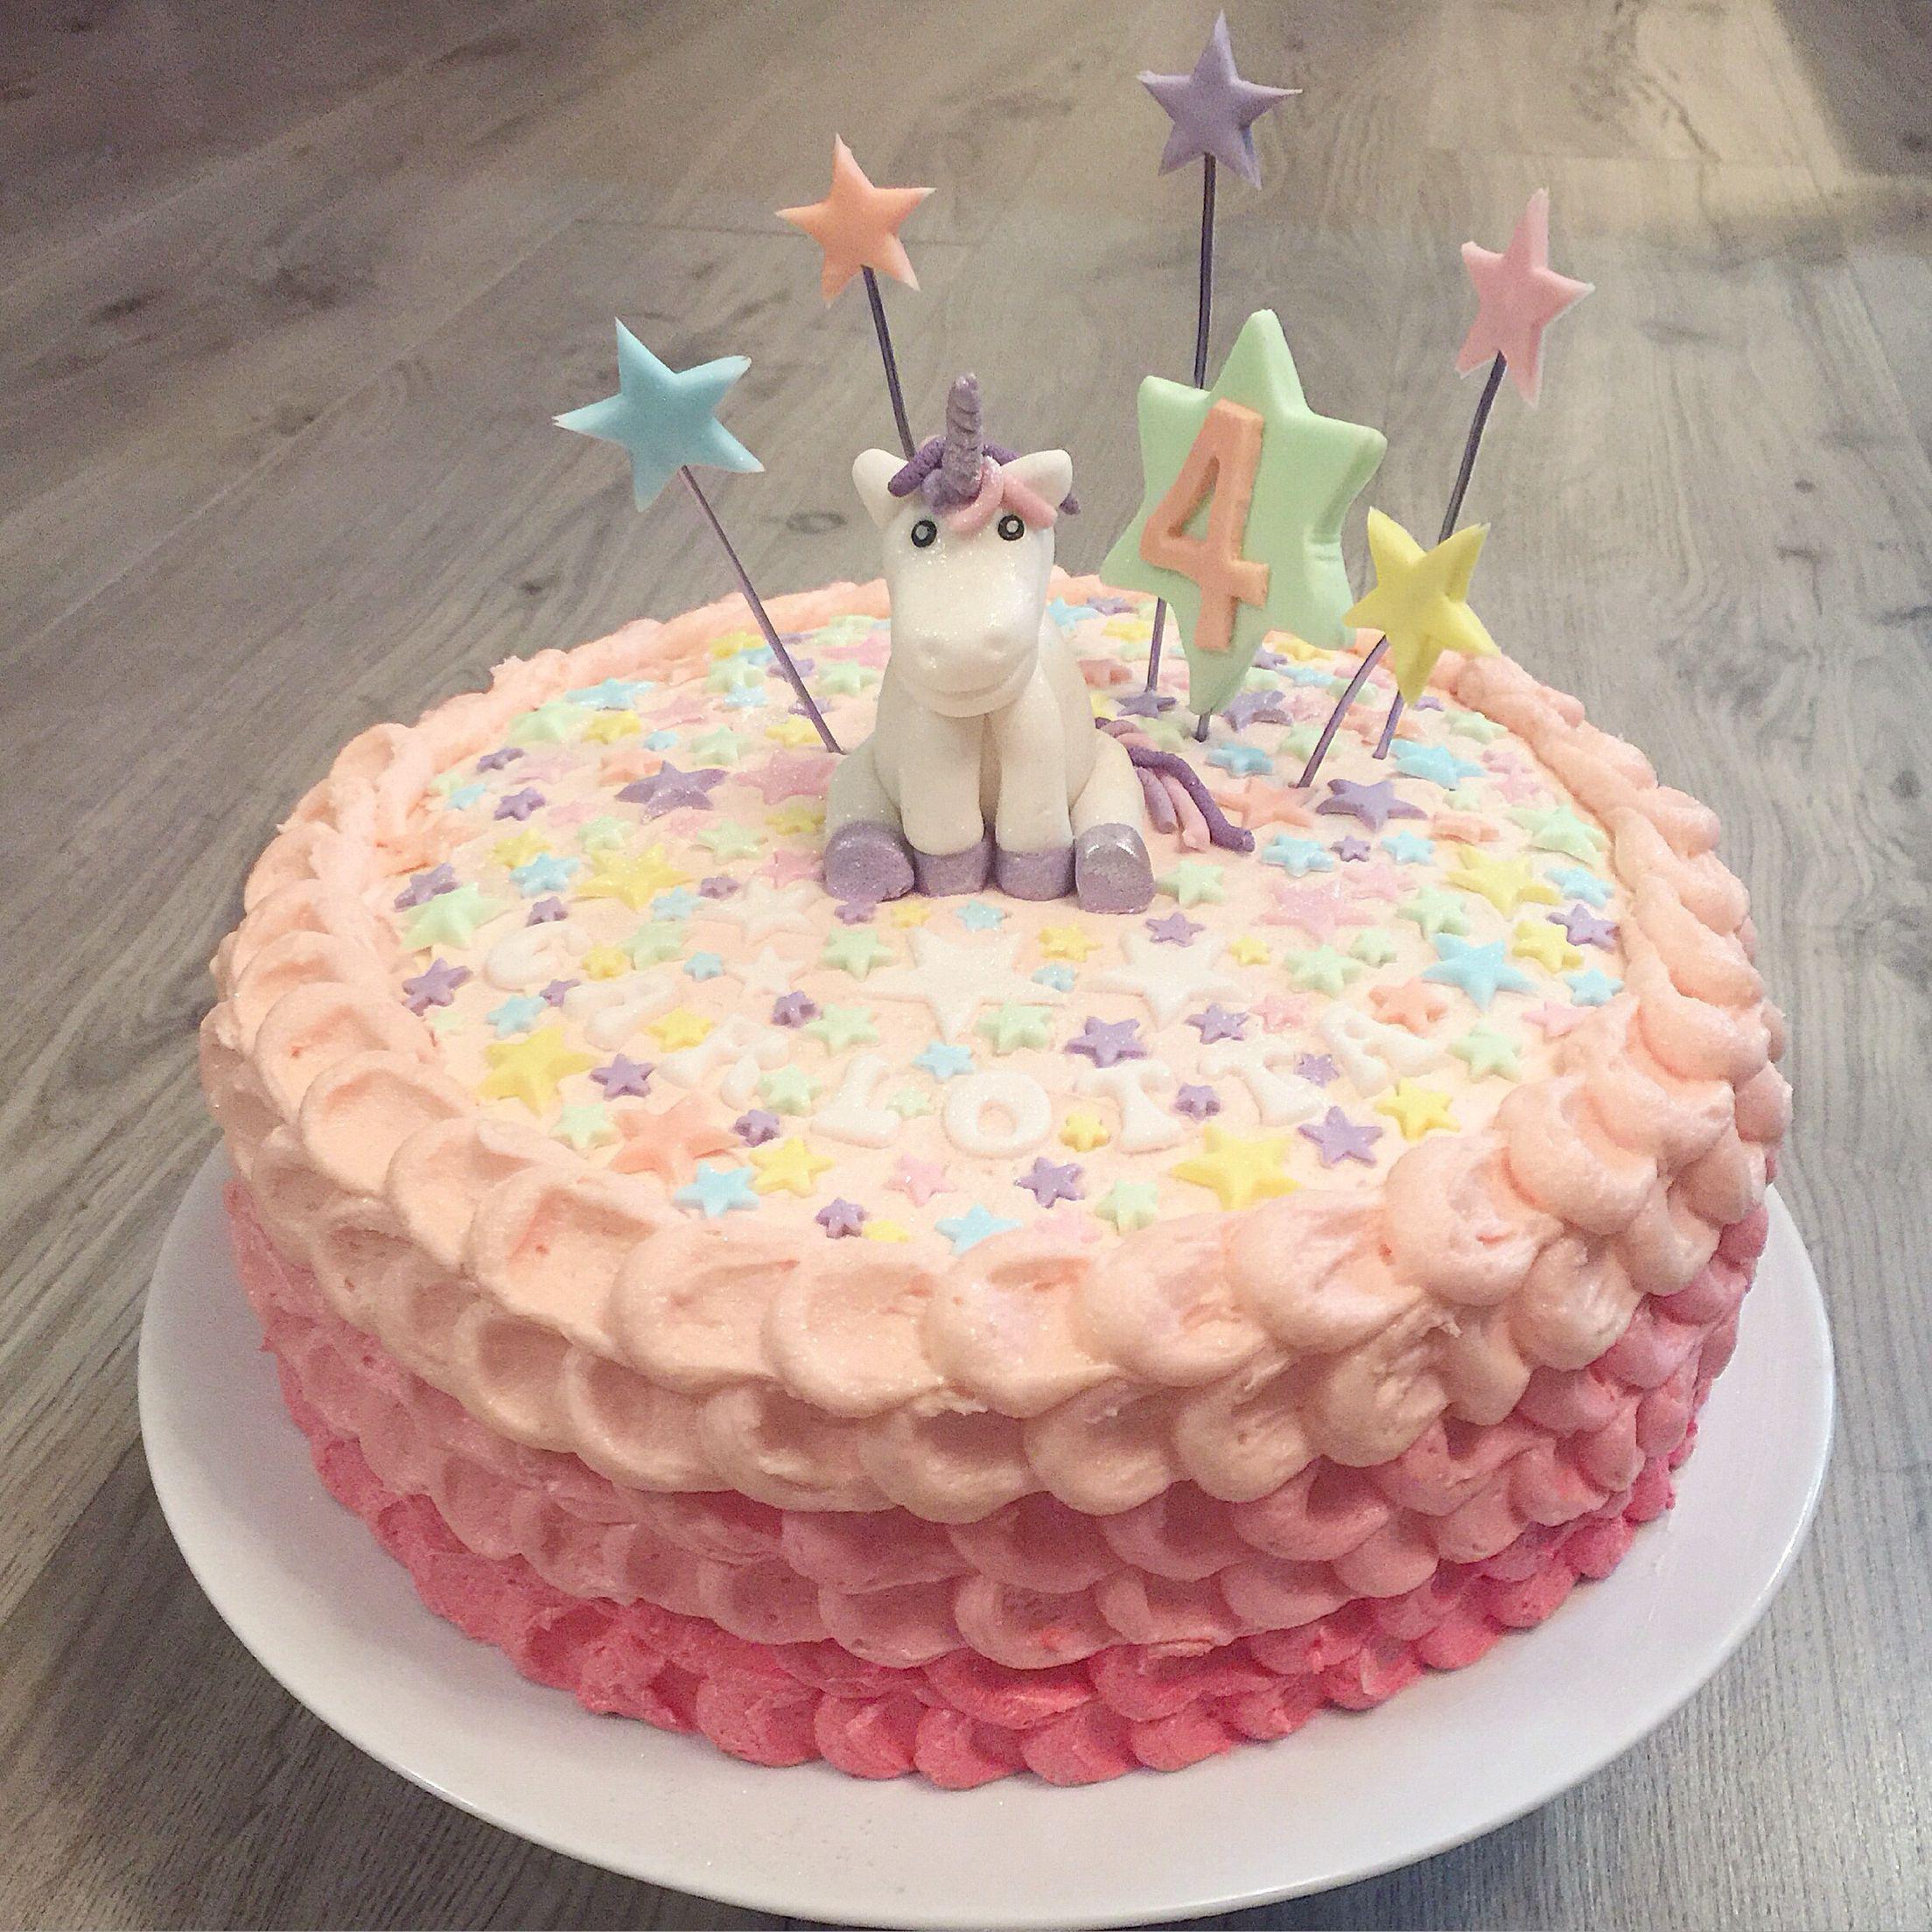 Die 20 Besten Ideen Fur Geburtstagskuchen Teenager Madchen Cake Desserts Birthday Cake